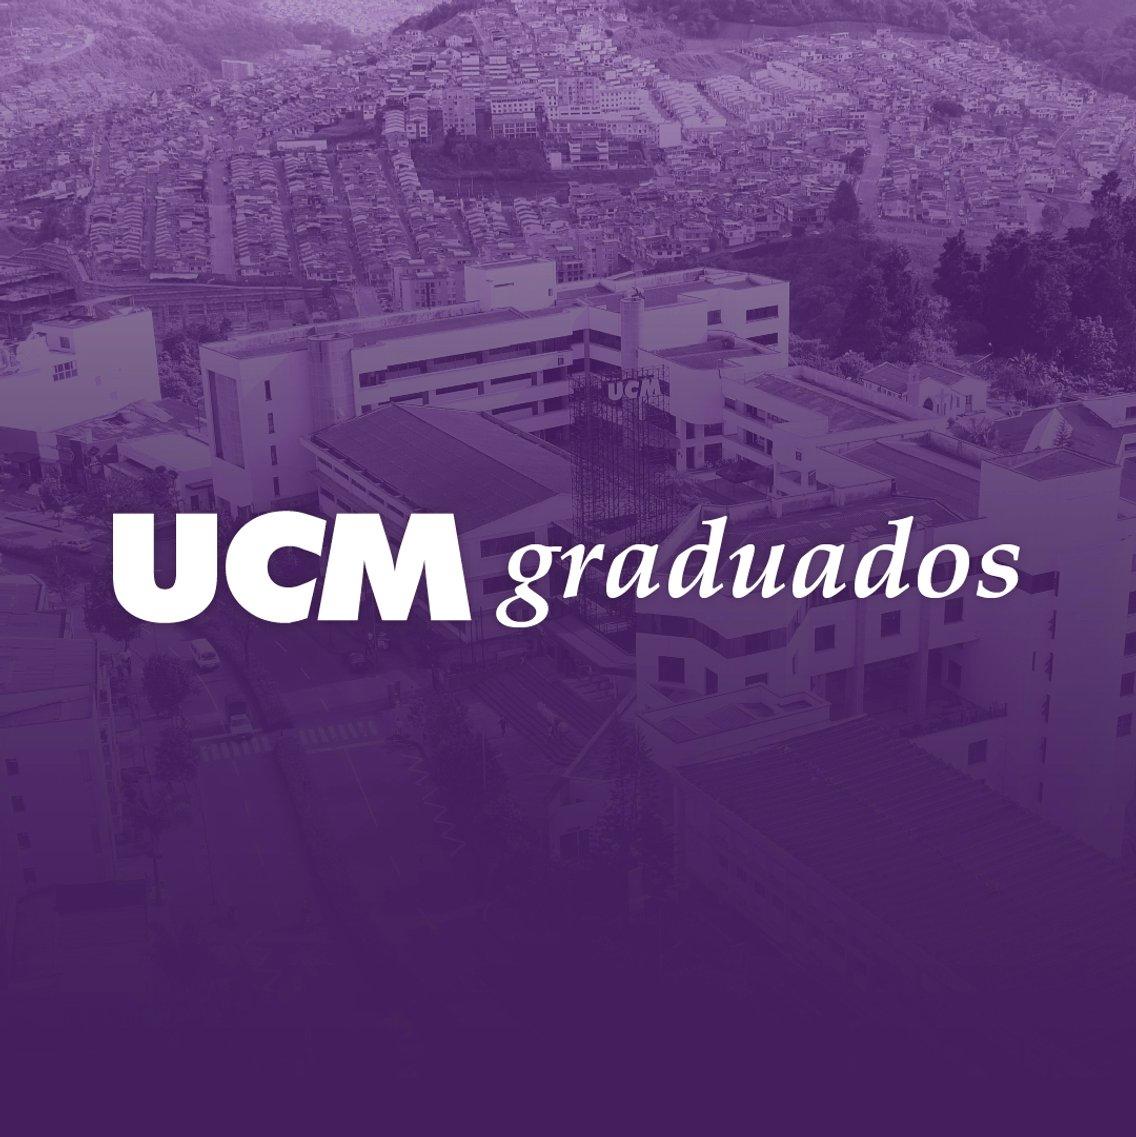 Graduados UCM - immagine di copertina